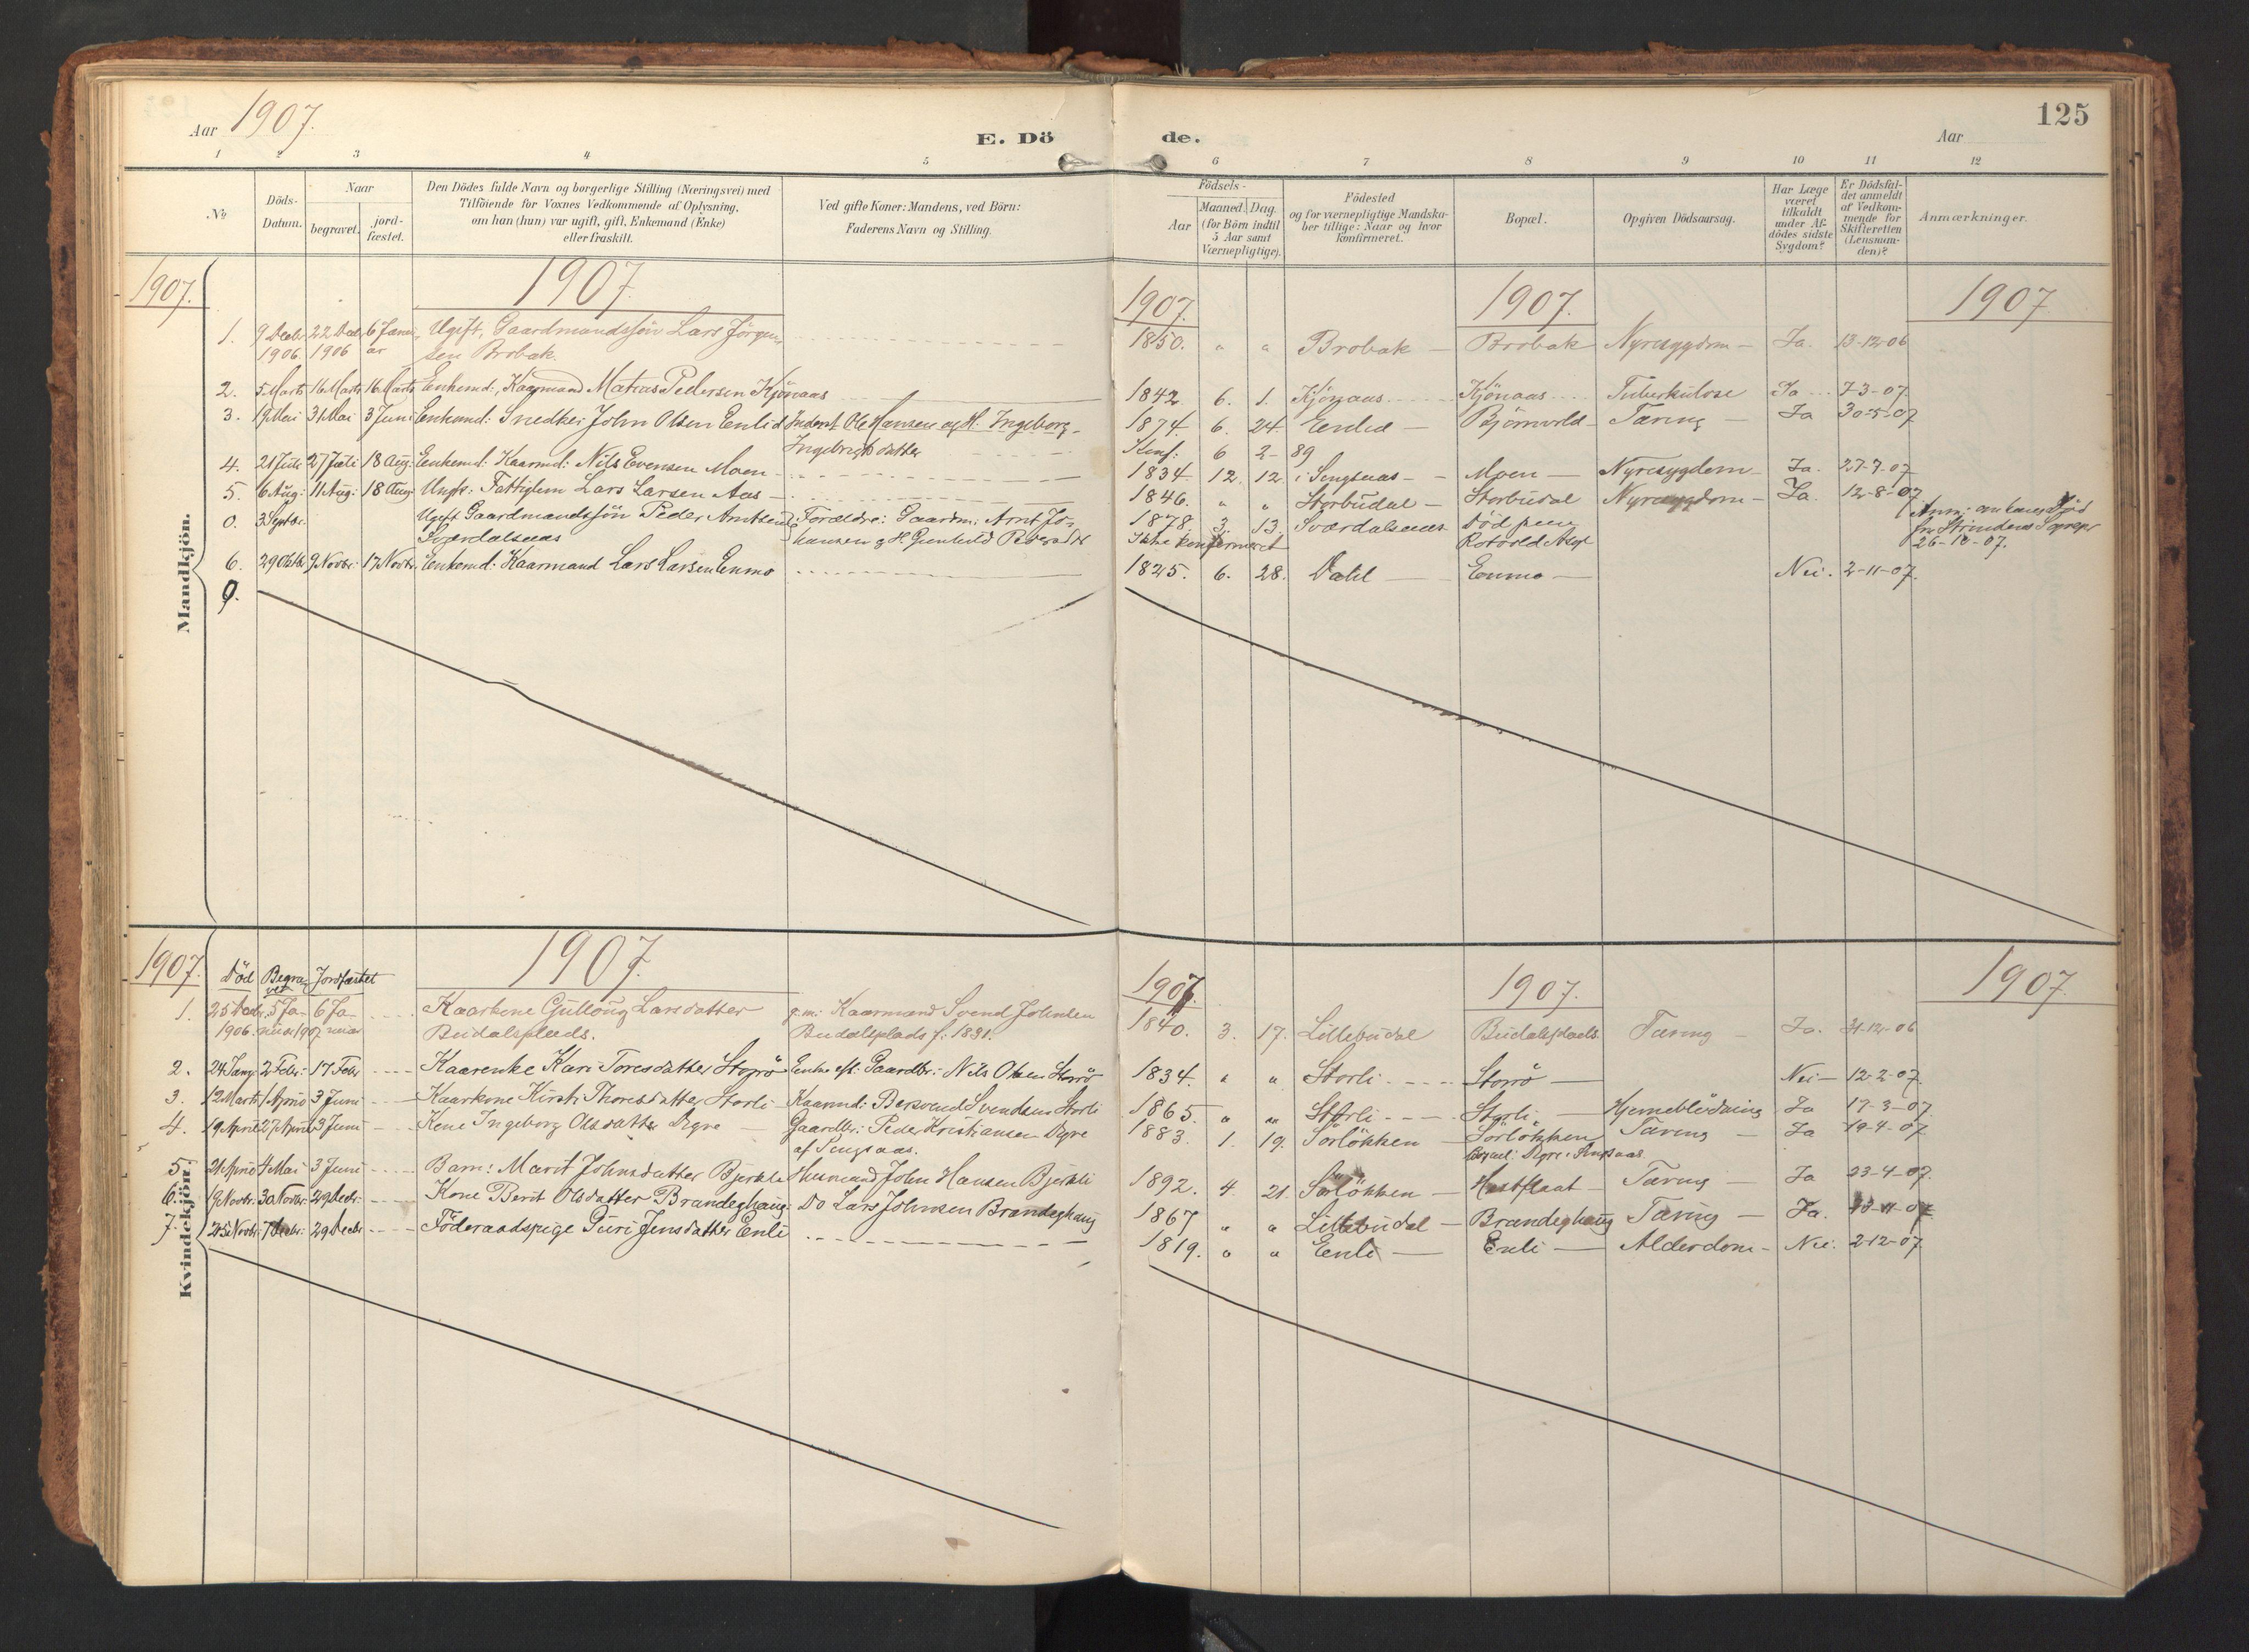 SAT, Ministerialprotokoller, klokkerbøker og fødselsregistre - Sør-Trøndelag, 690/L1050: Ministerialbok nr. 690A01, 1889-1929, s. 125